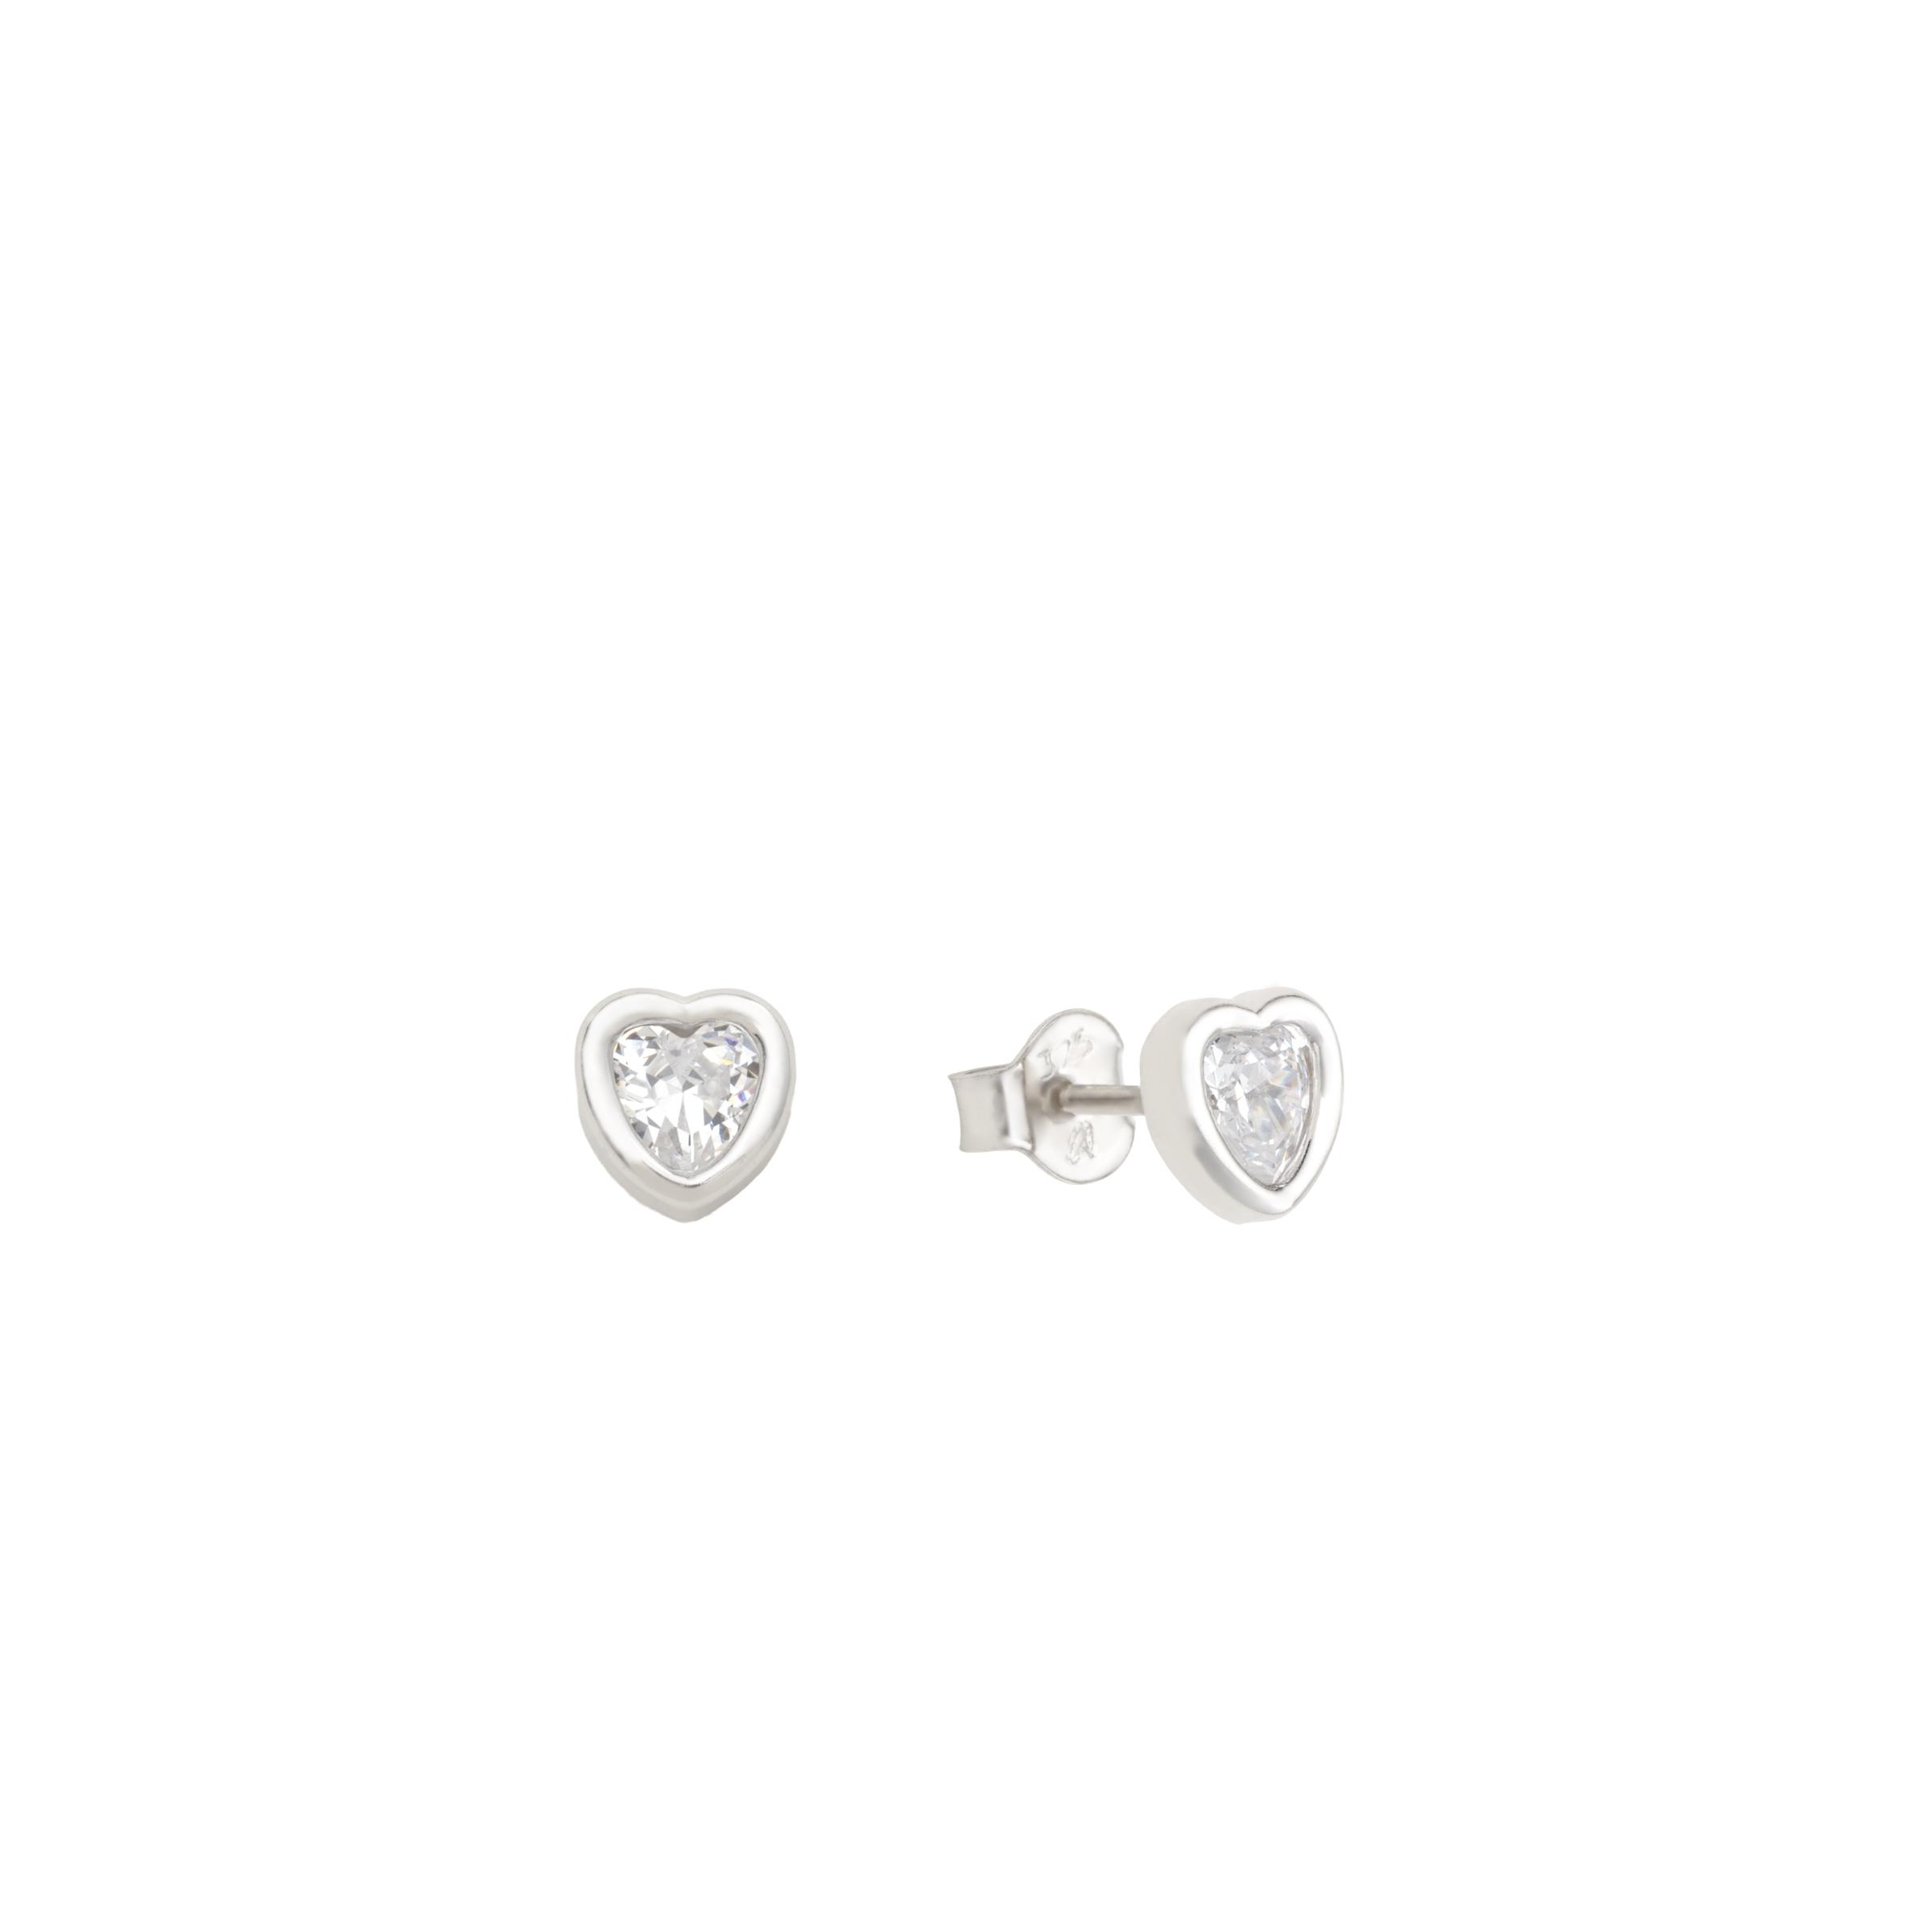 Ohrstecker für Damen, Weißgold 375, Zirkonia Herz